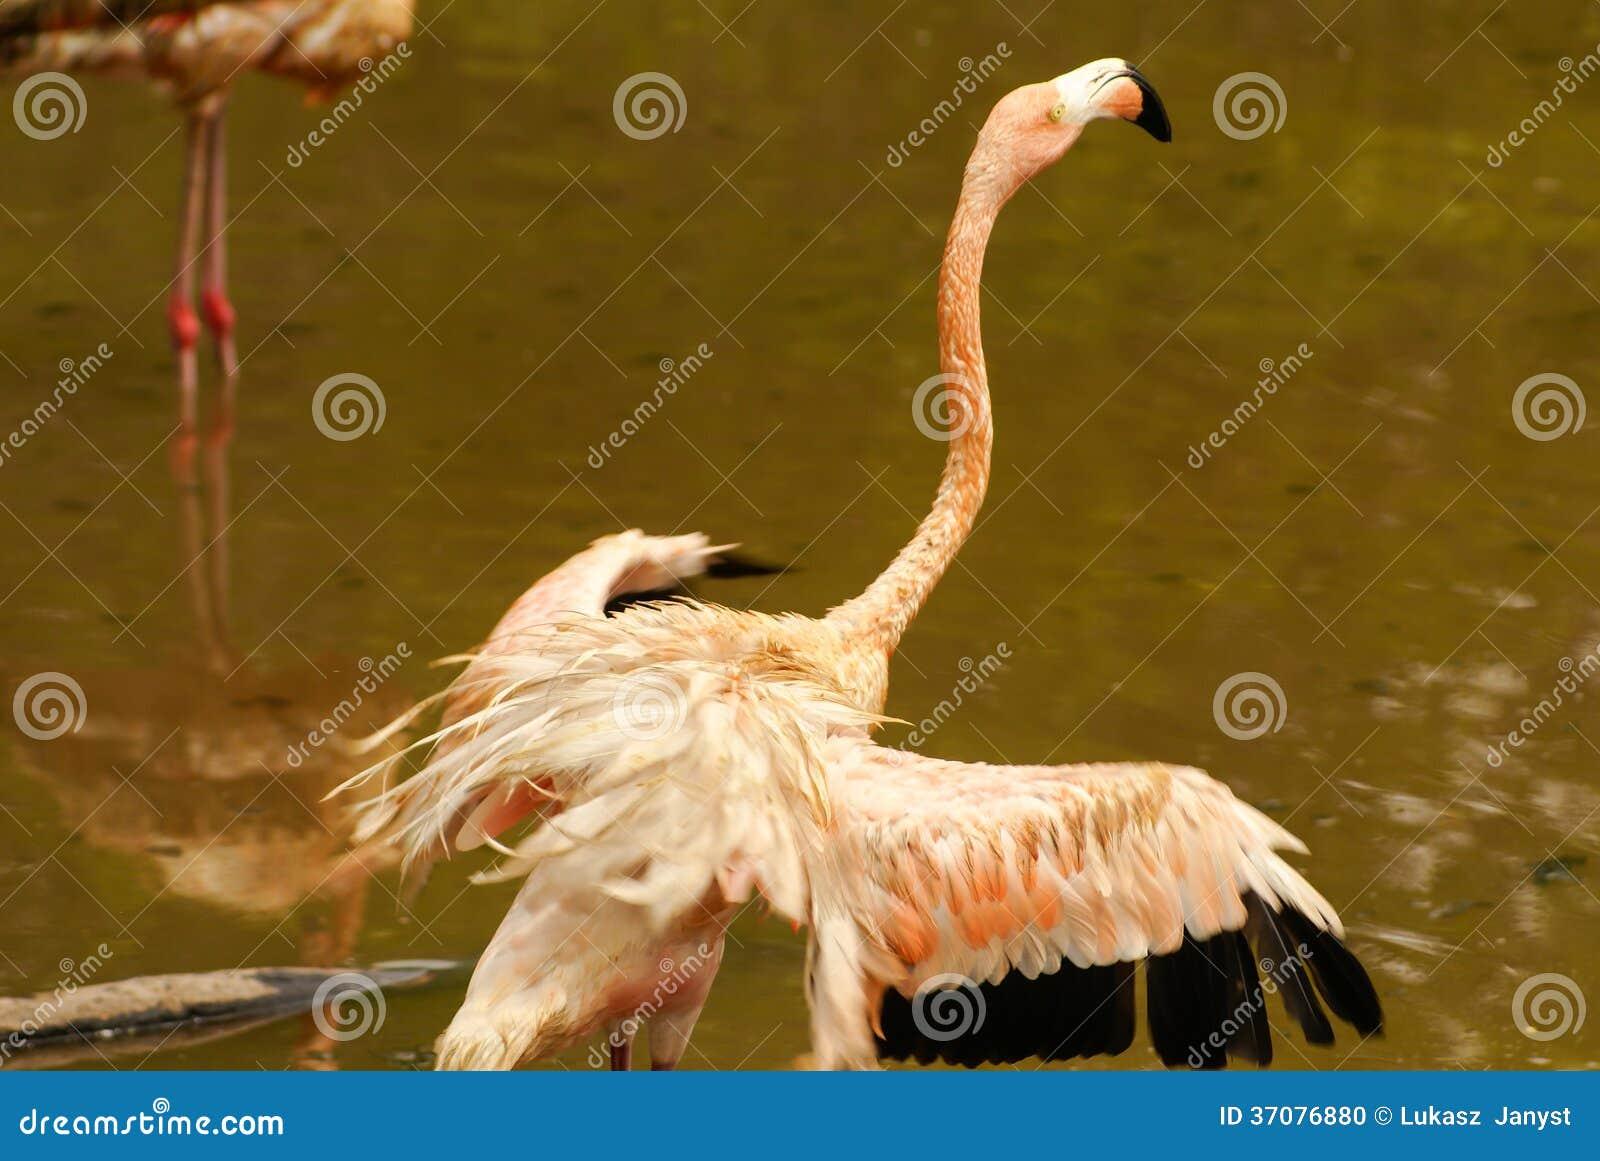 Download Amerykańskie Pododmiany Karaibski Flaming (Phoenicopterus Ruber Ruber) Zdjęcie Stock - Obraz złożonej z greenbacks, kierdel: 37076880